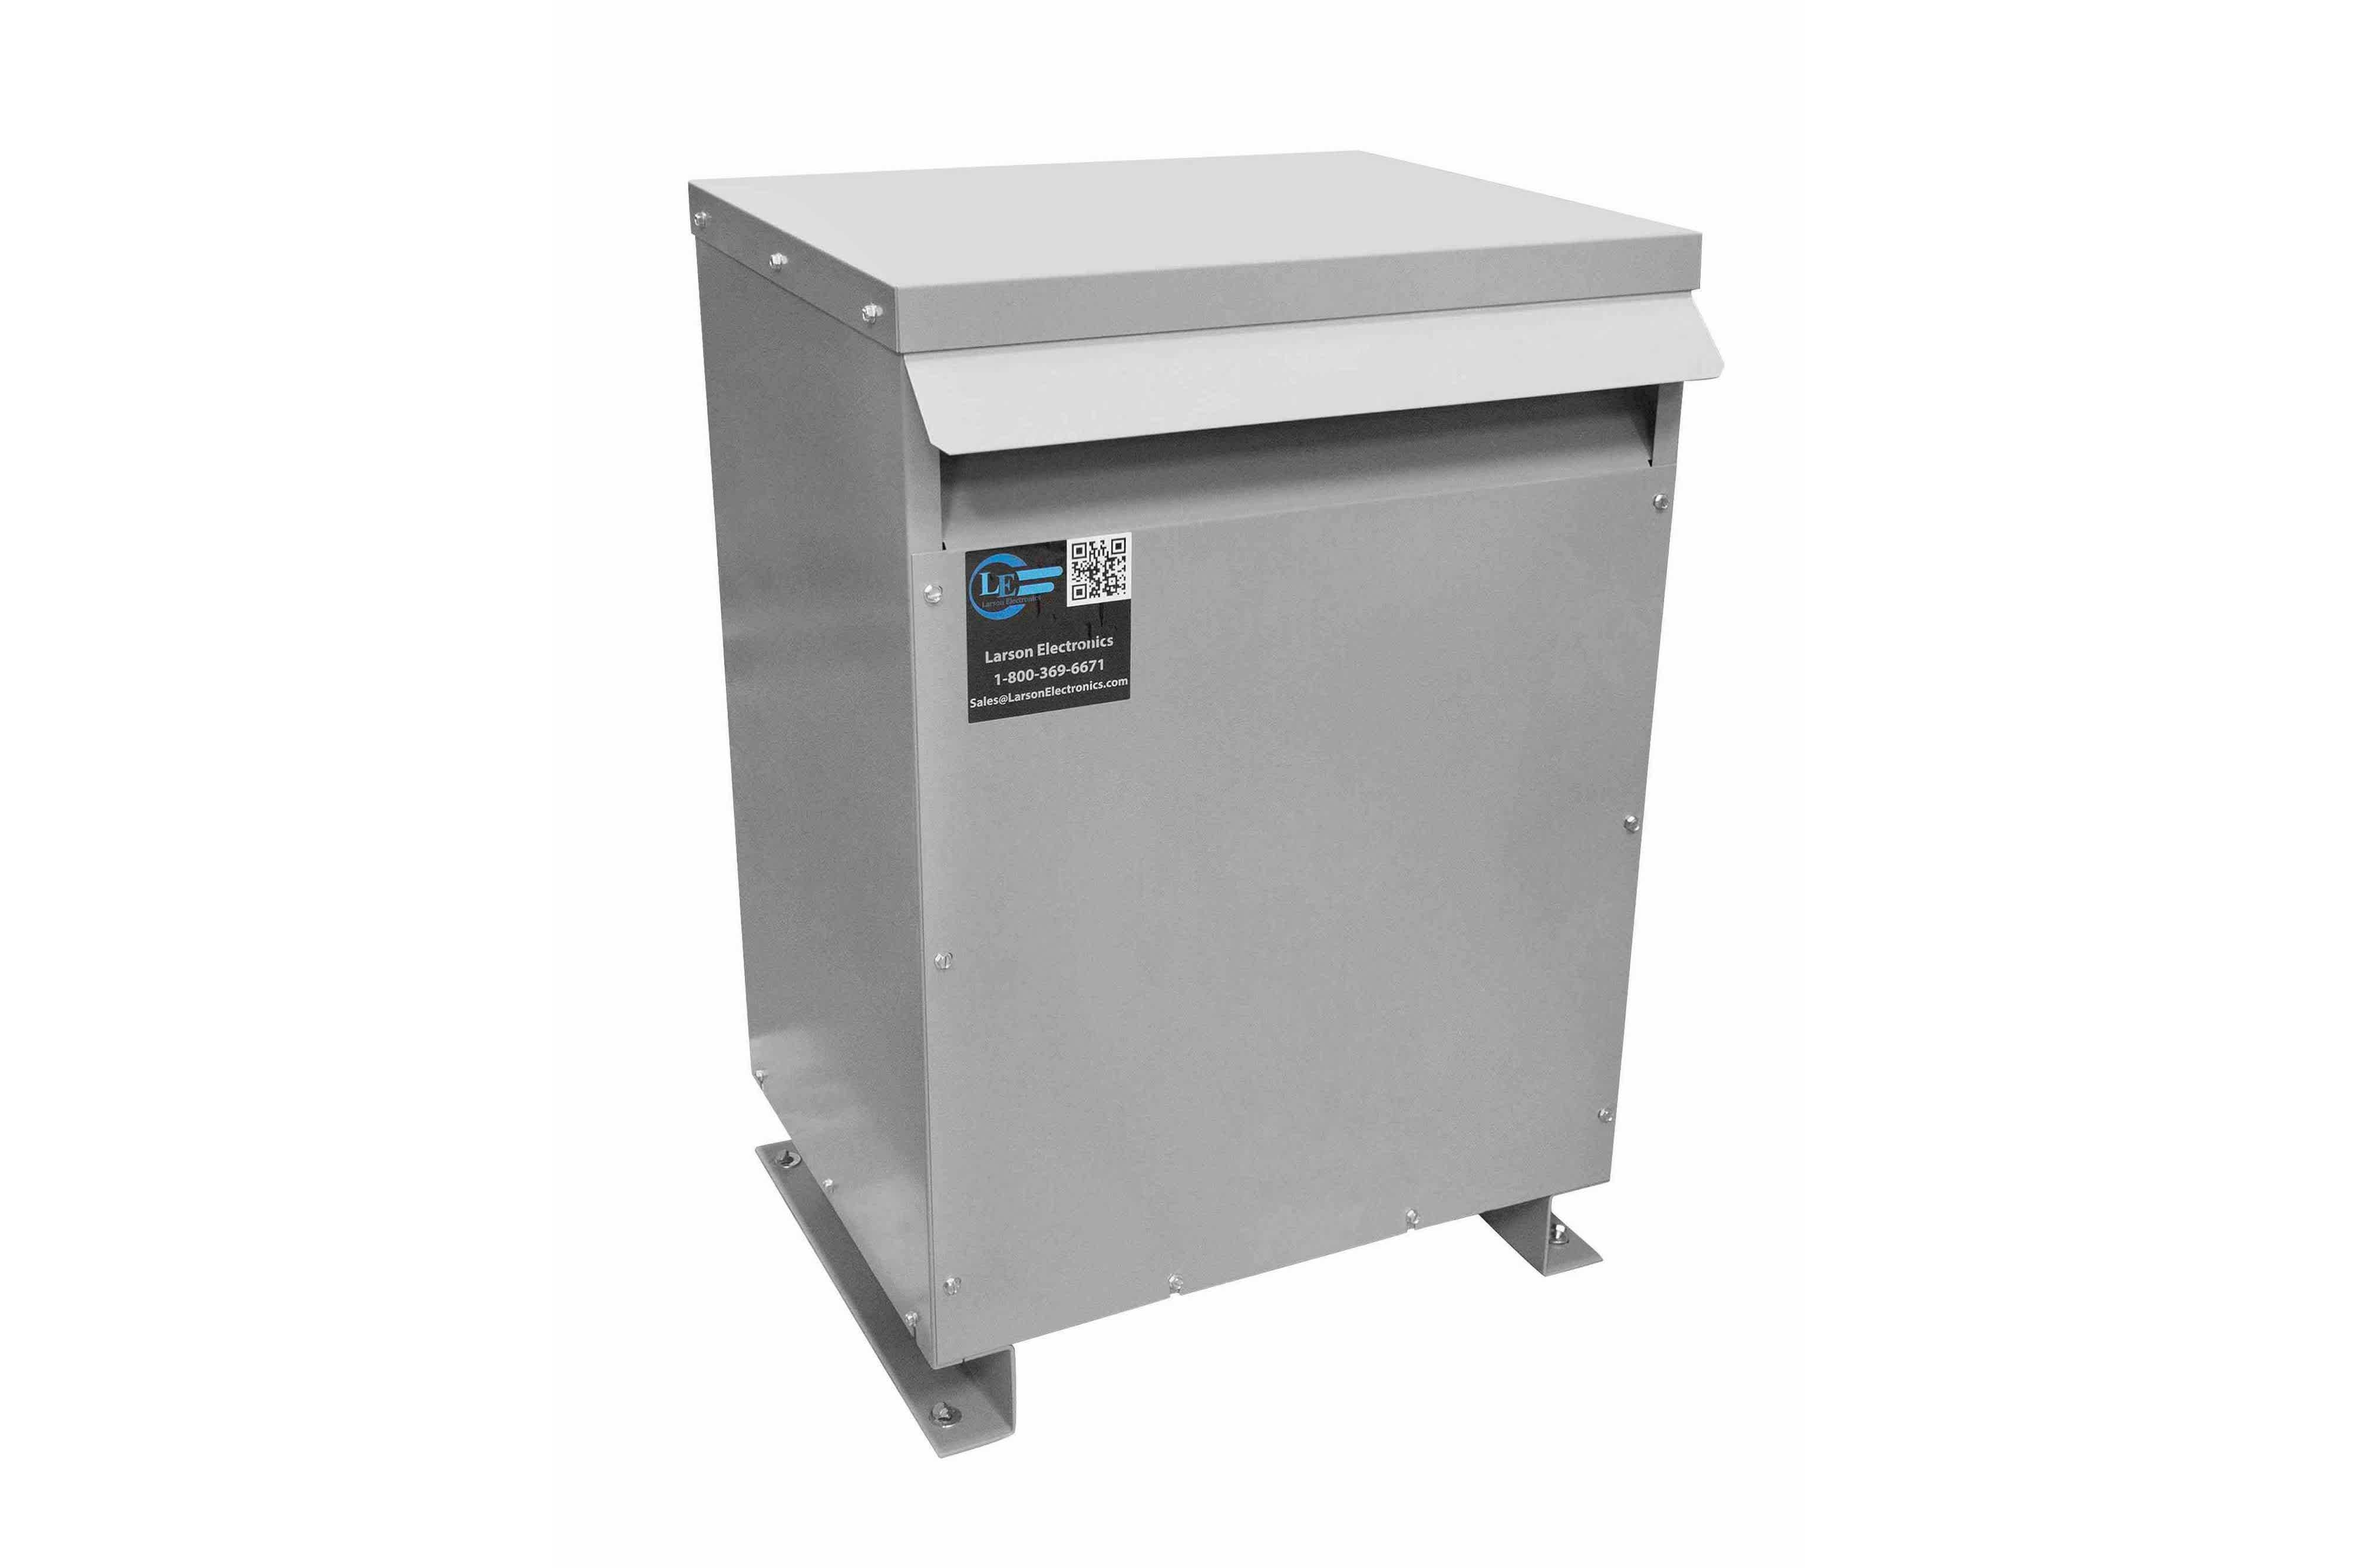 30 kVA 3PH Isolation Transformer, 460V Delta Primary, 600V Delta Secondary, N3R, Ventilated, 60 Hz